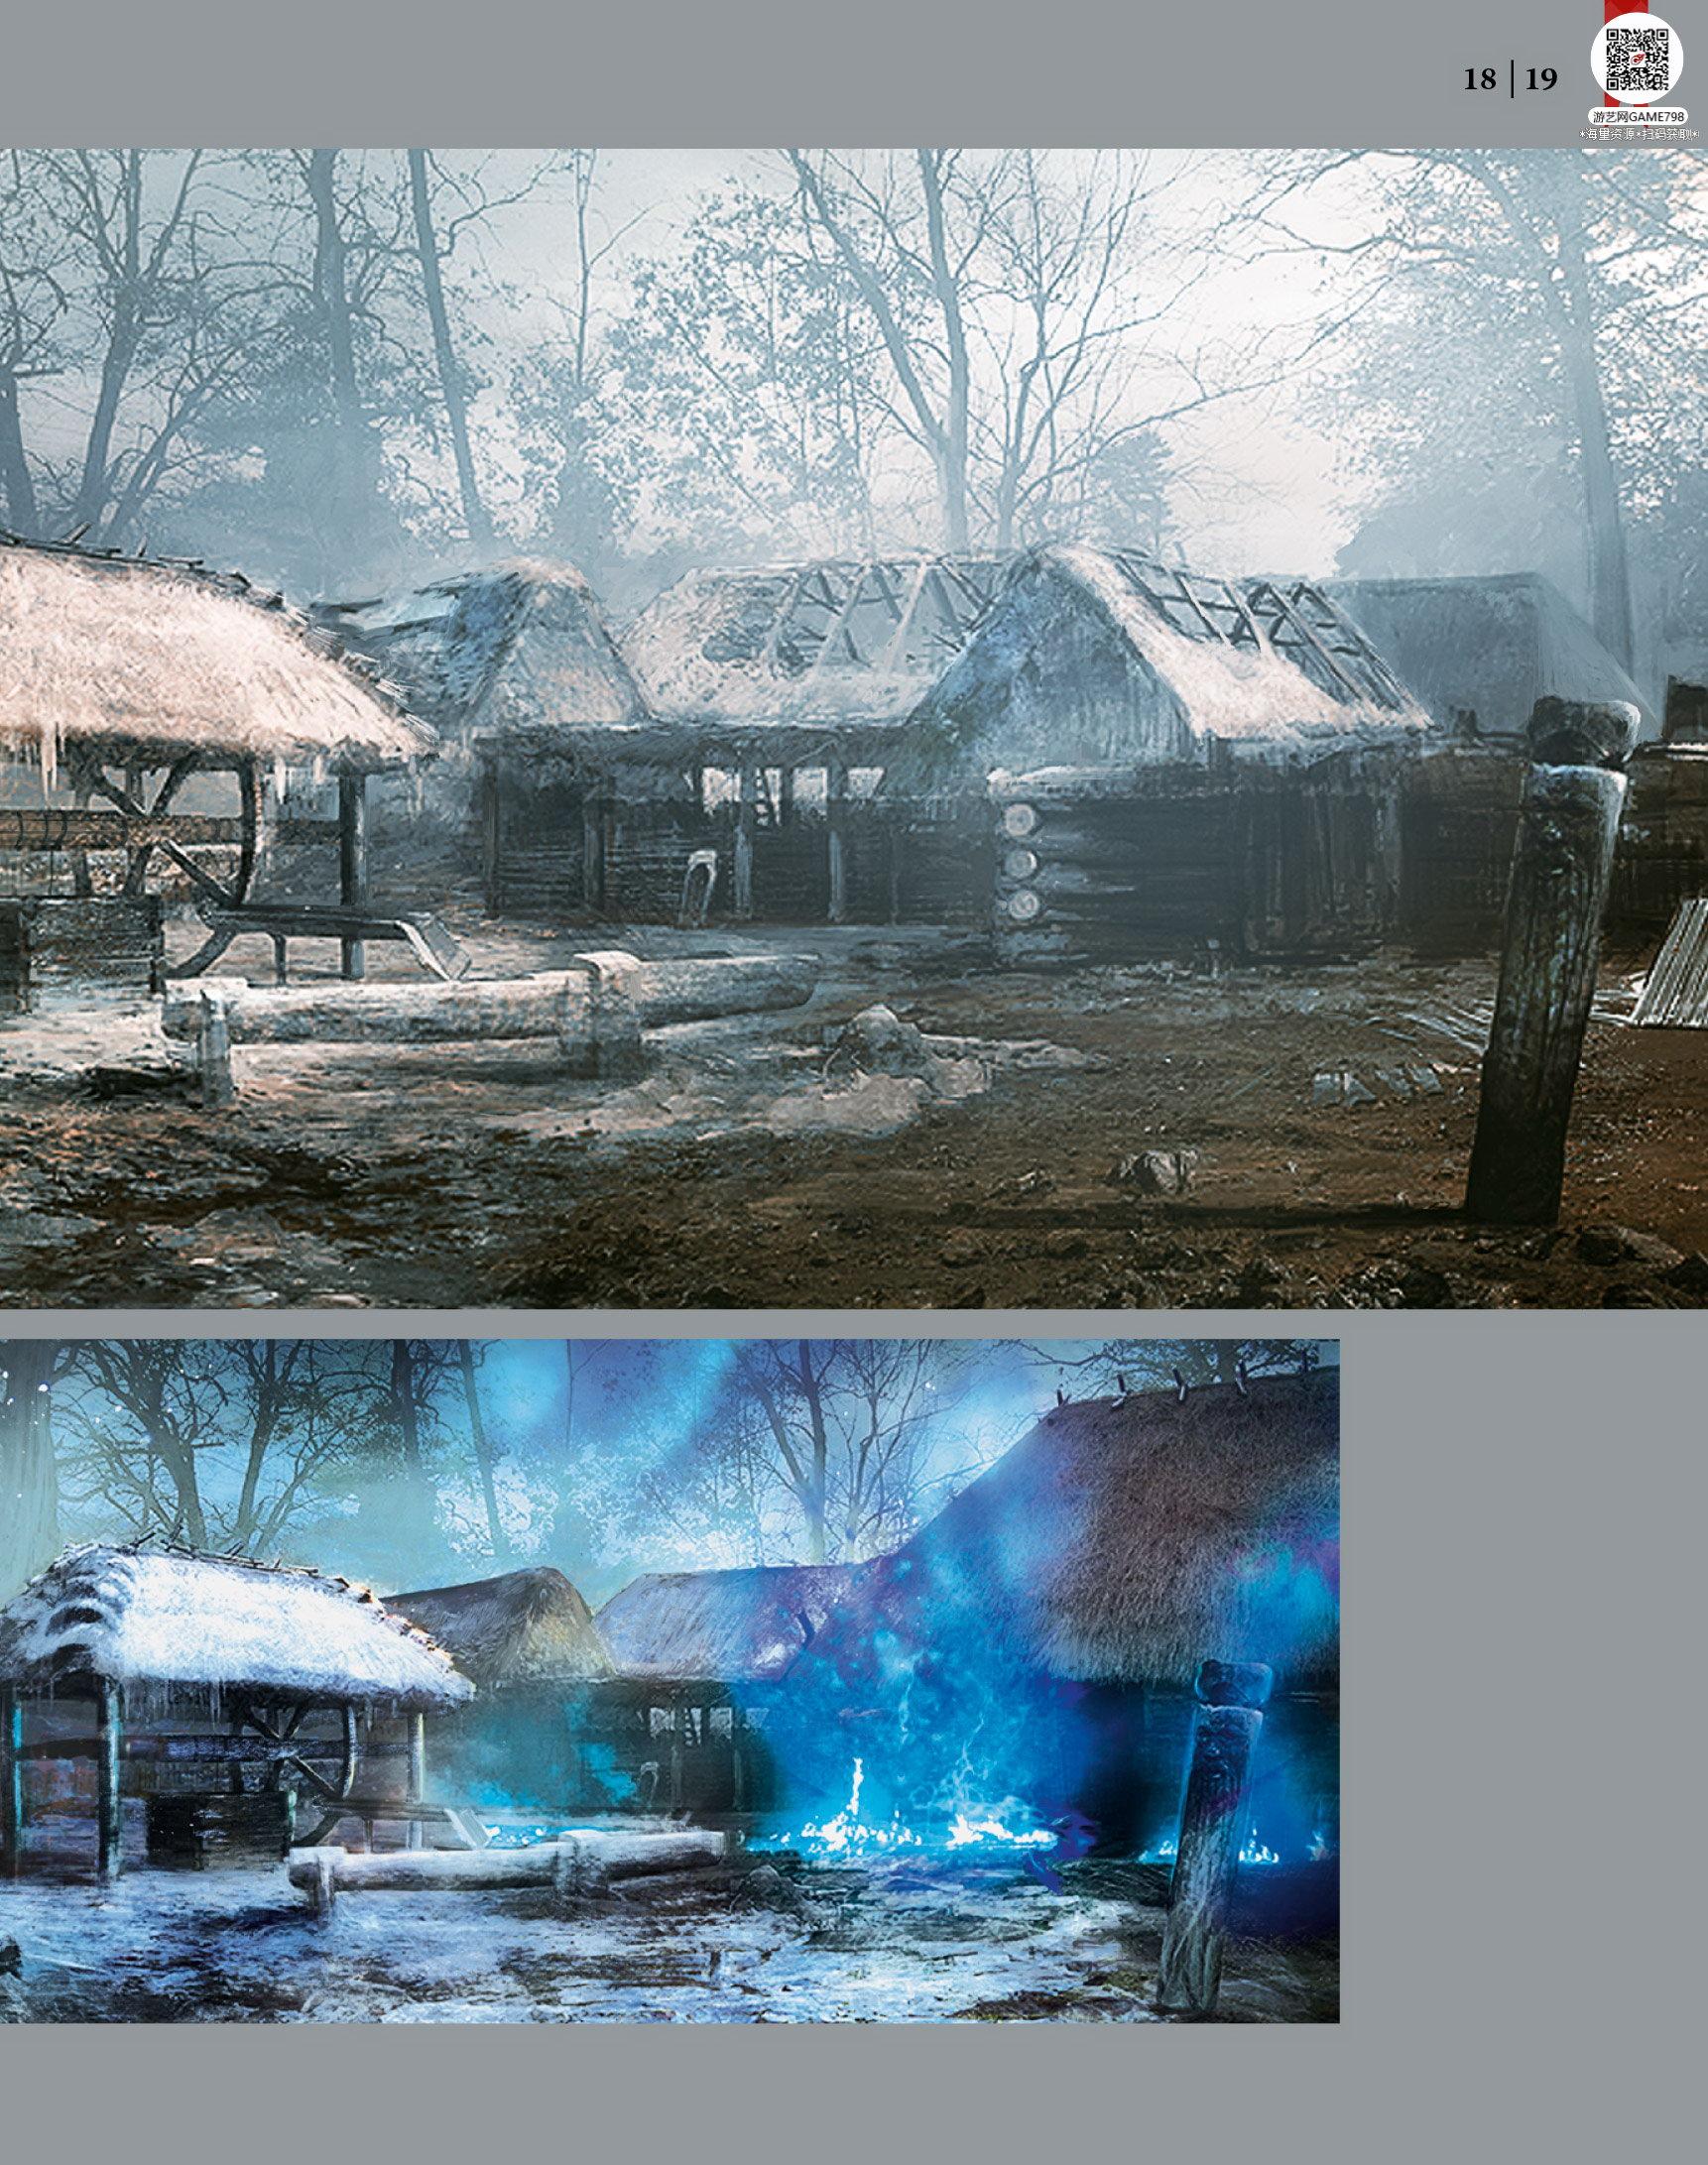 020_关注游艺网公众号获海量资源_次世代游戏巫师3(Witcher)官方原画概念设定.jpg